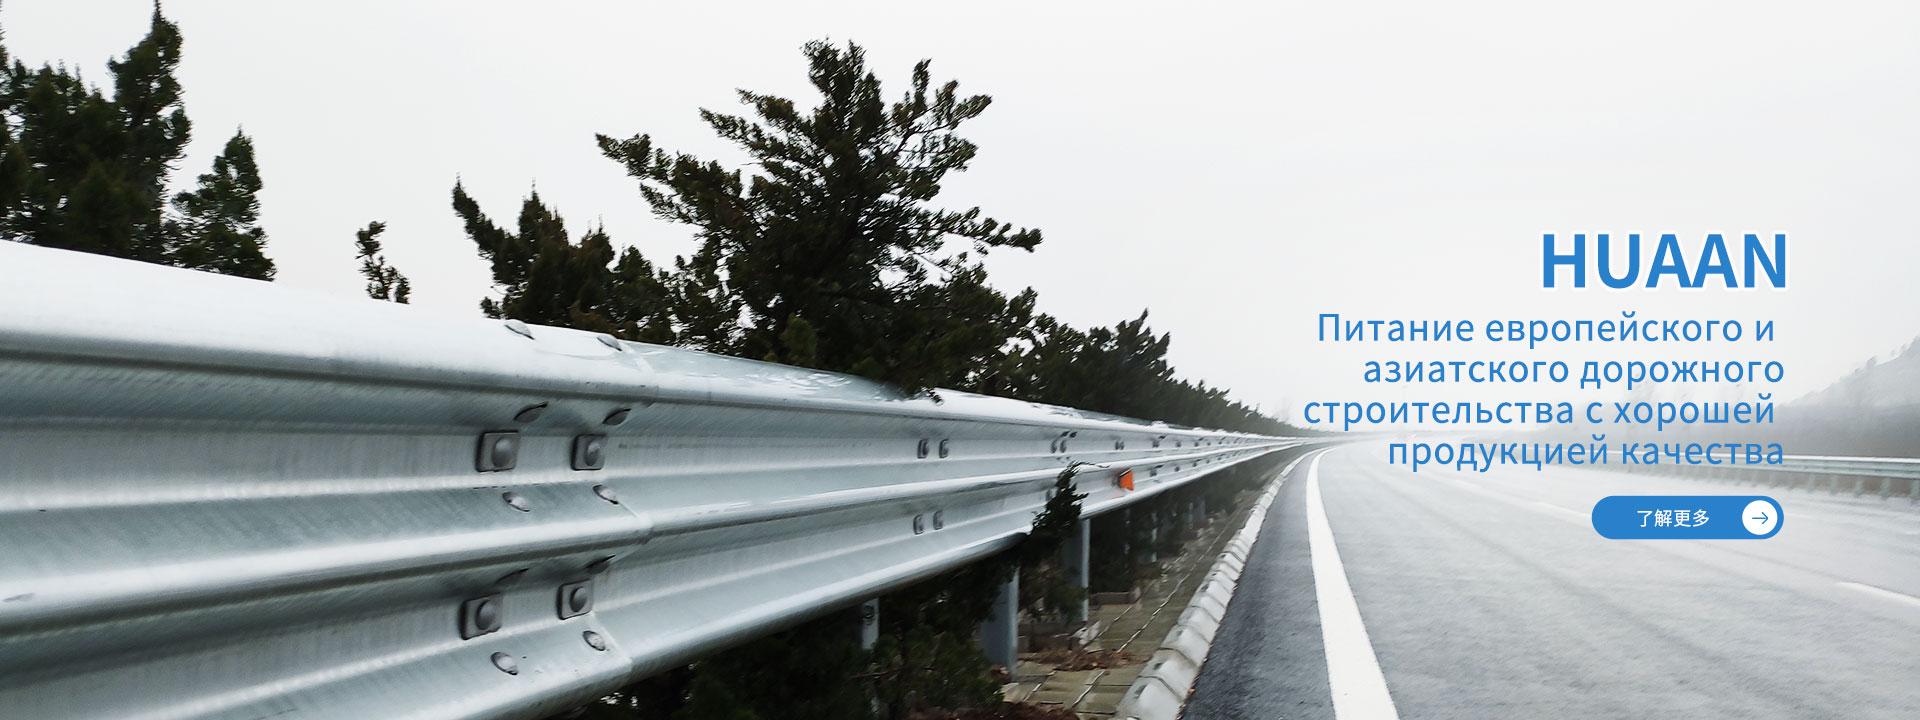 Дорожный столб